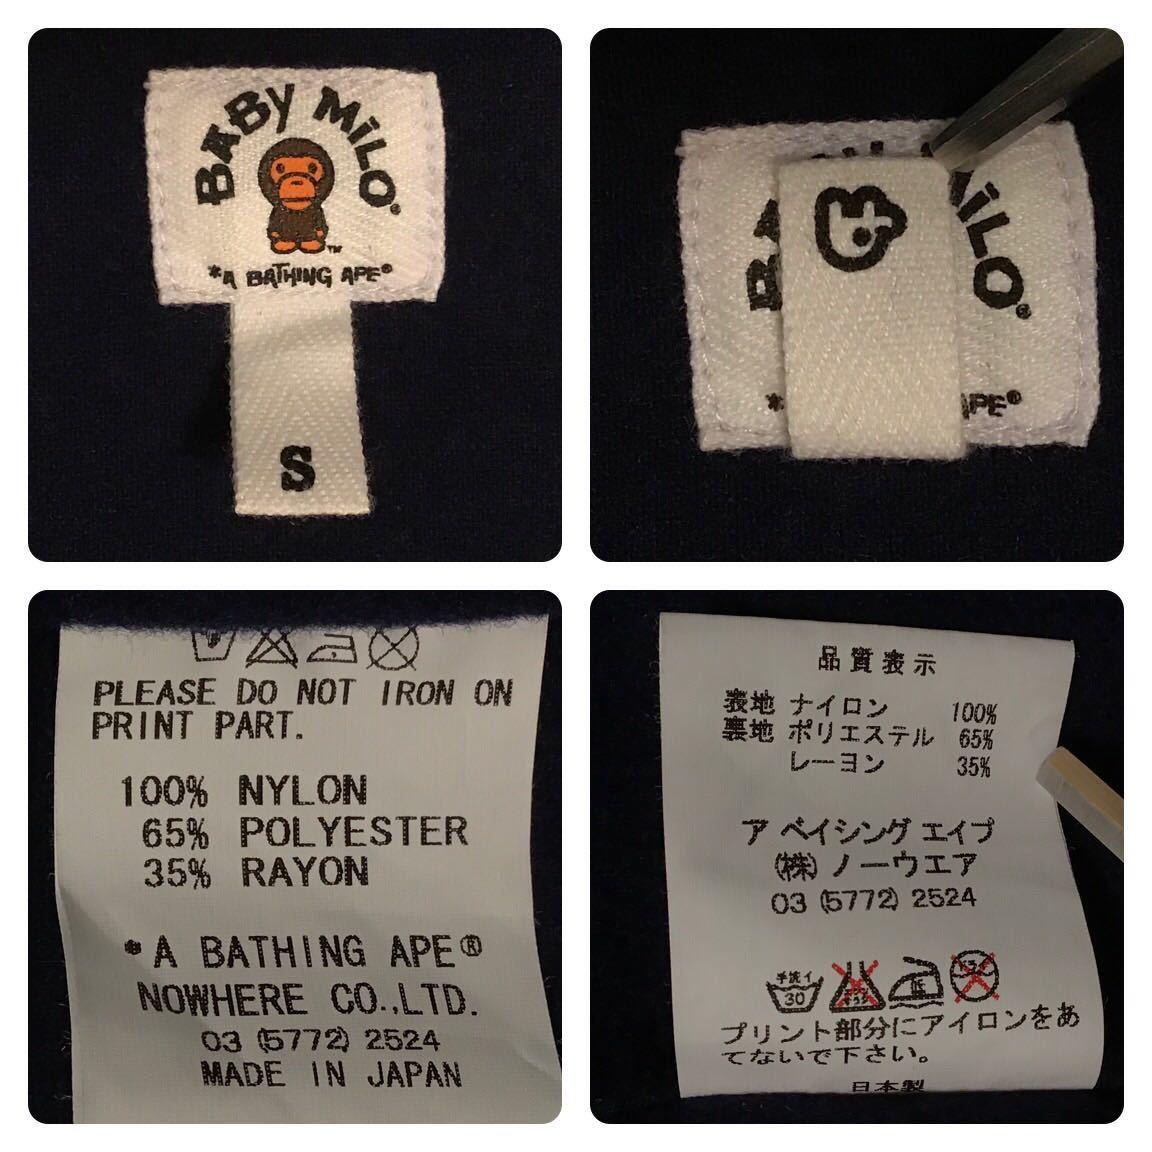 milo camo コーチジャケット Sサイズ a bathing ape BAPE マイロ coach jacket エイプ ベイプ アベイシングエイプ 迷彩 2316